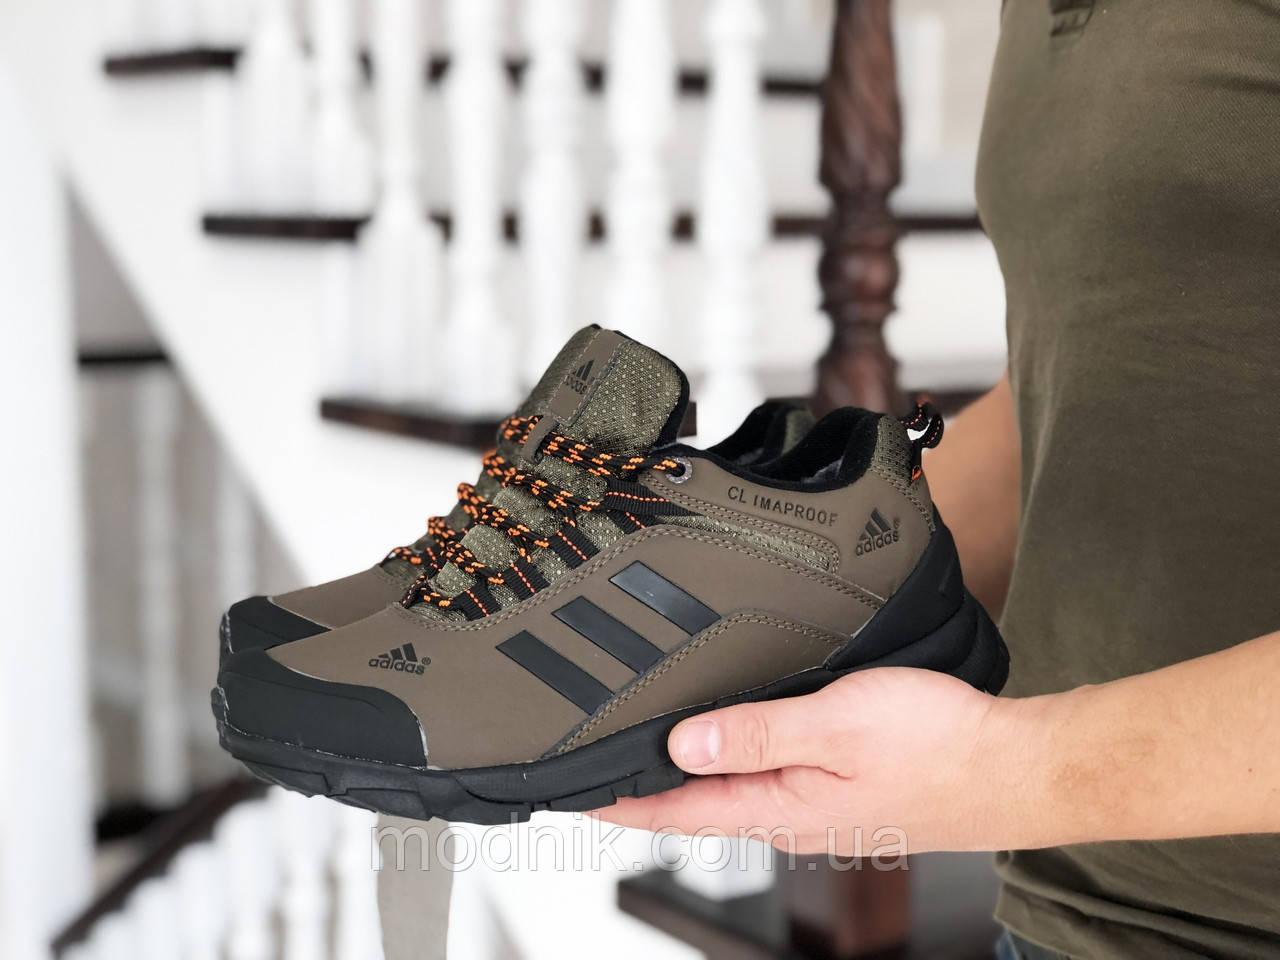 Мужские зимние кроссовки Adidas Climaproof (коричневые)